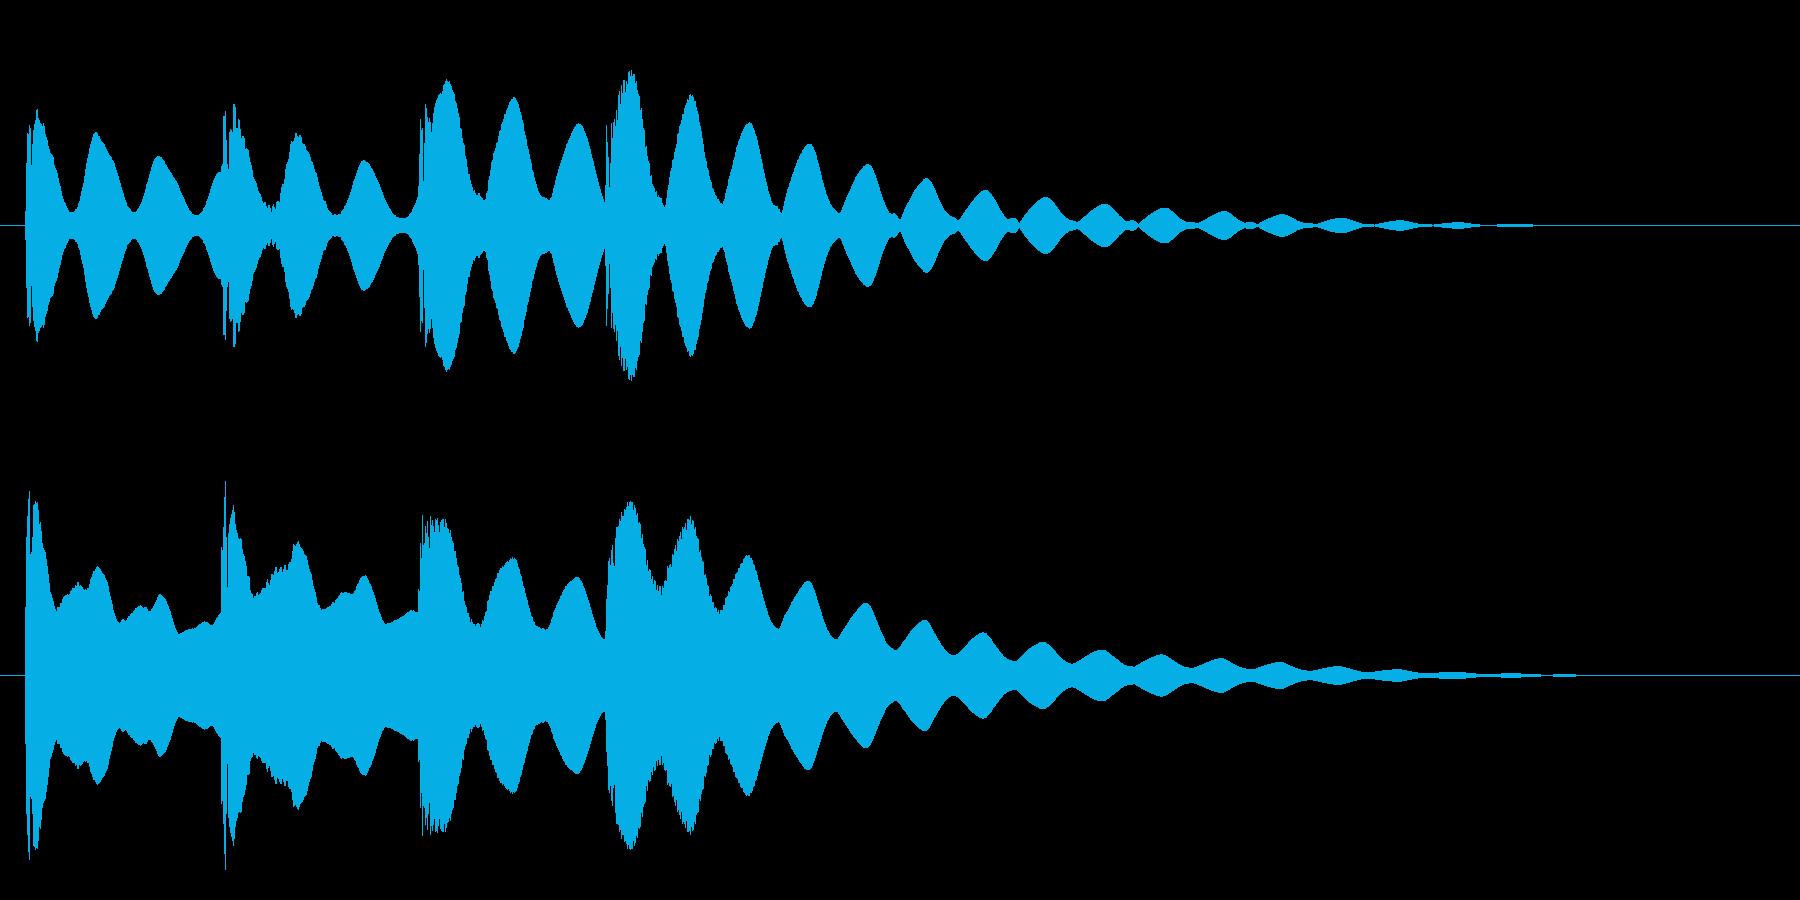 ヒント・発見・クエスチョンの再生済みの波形